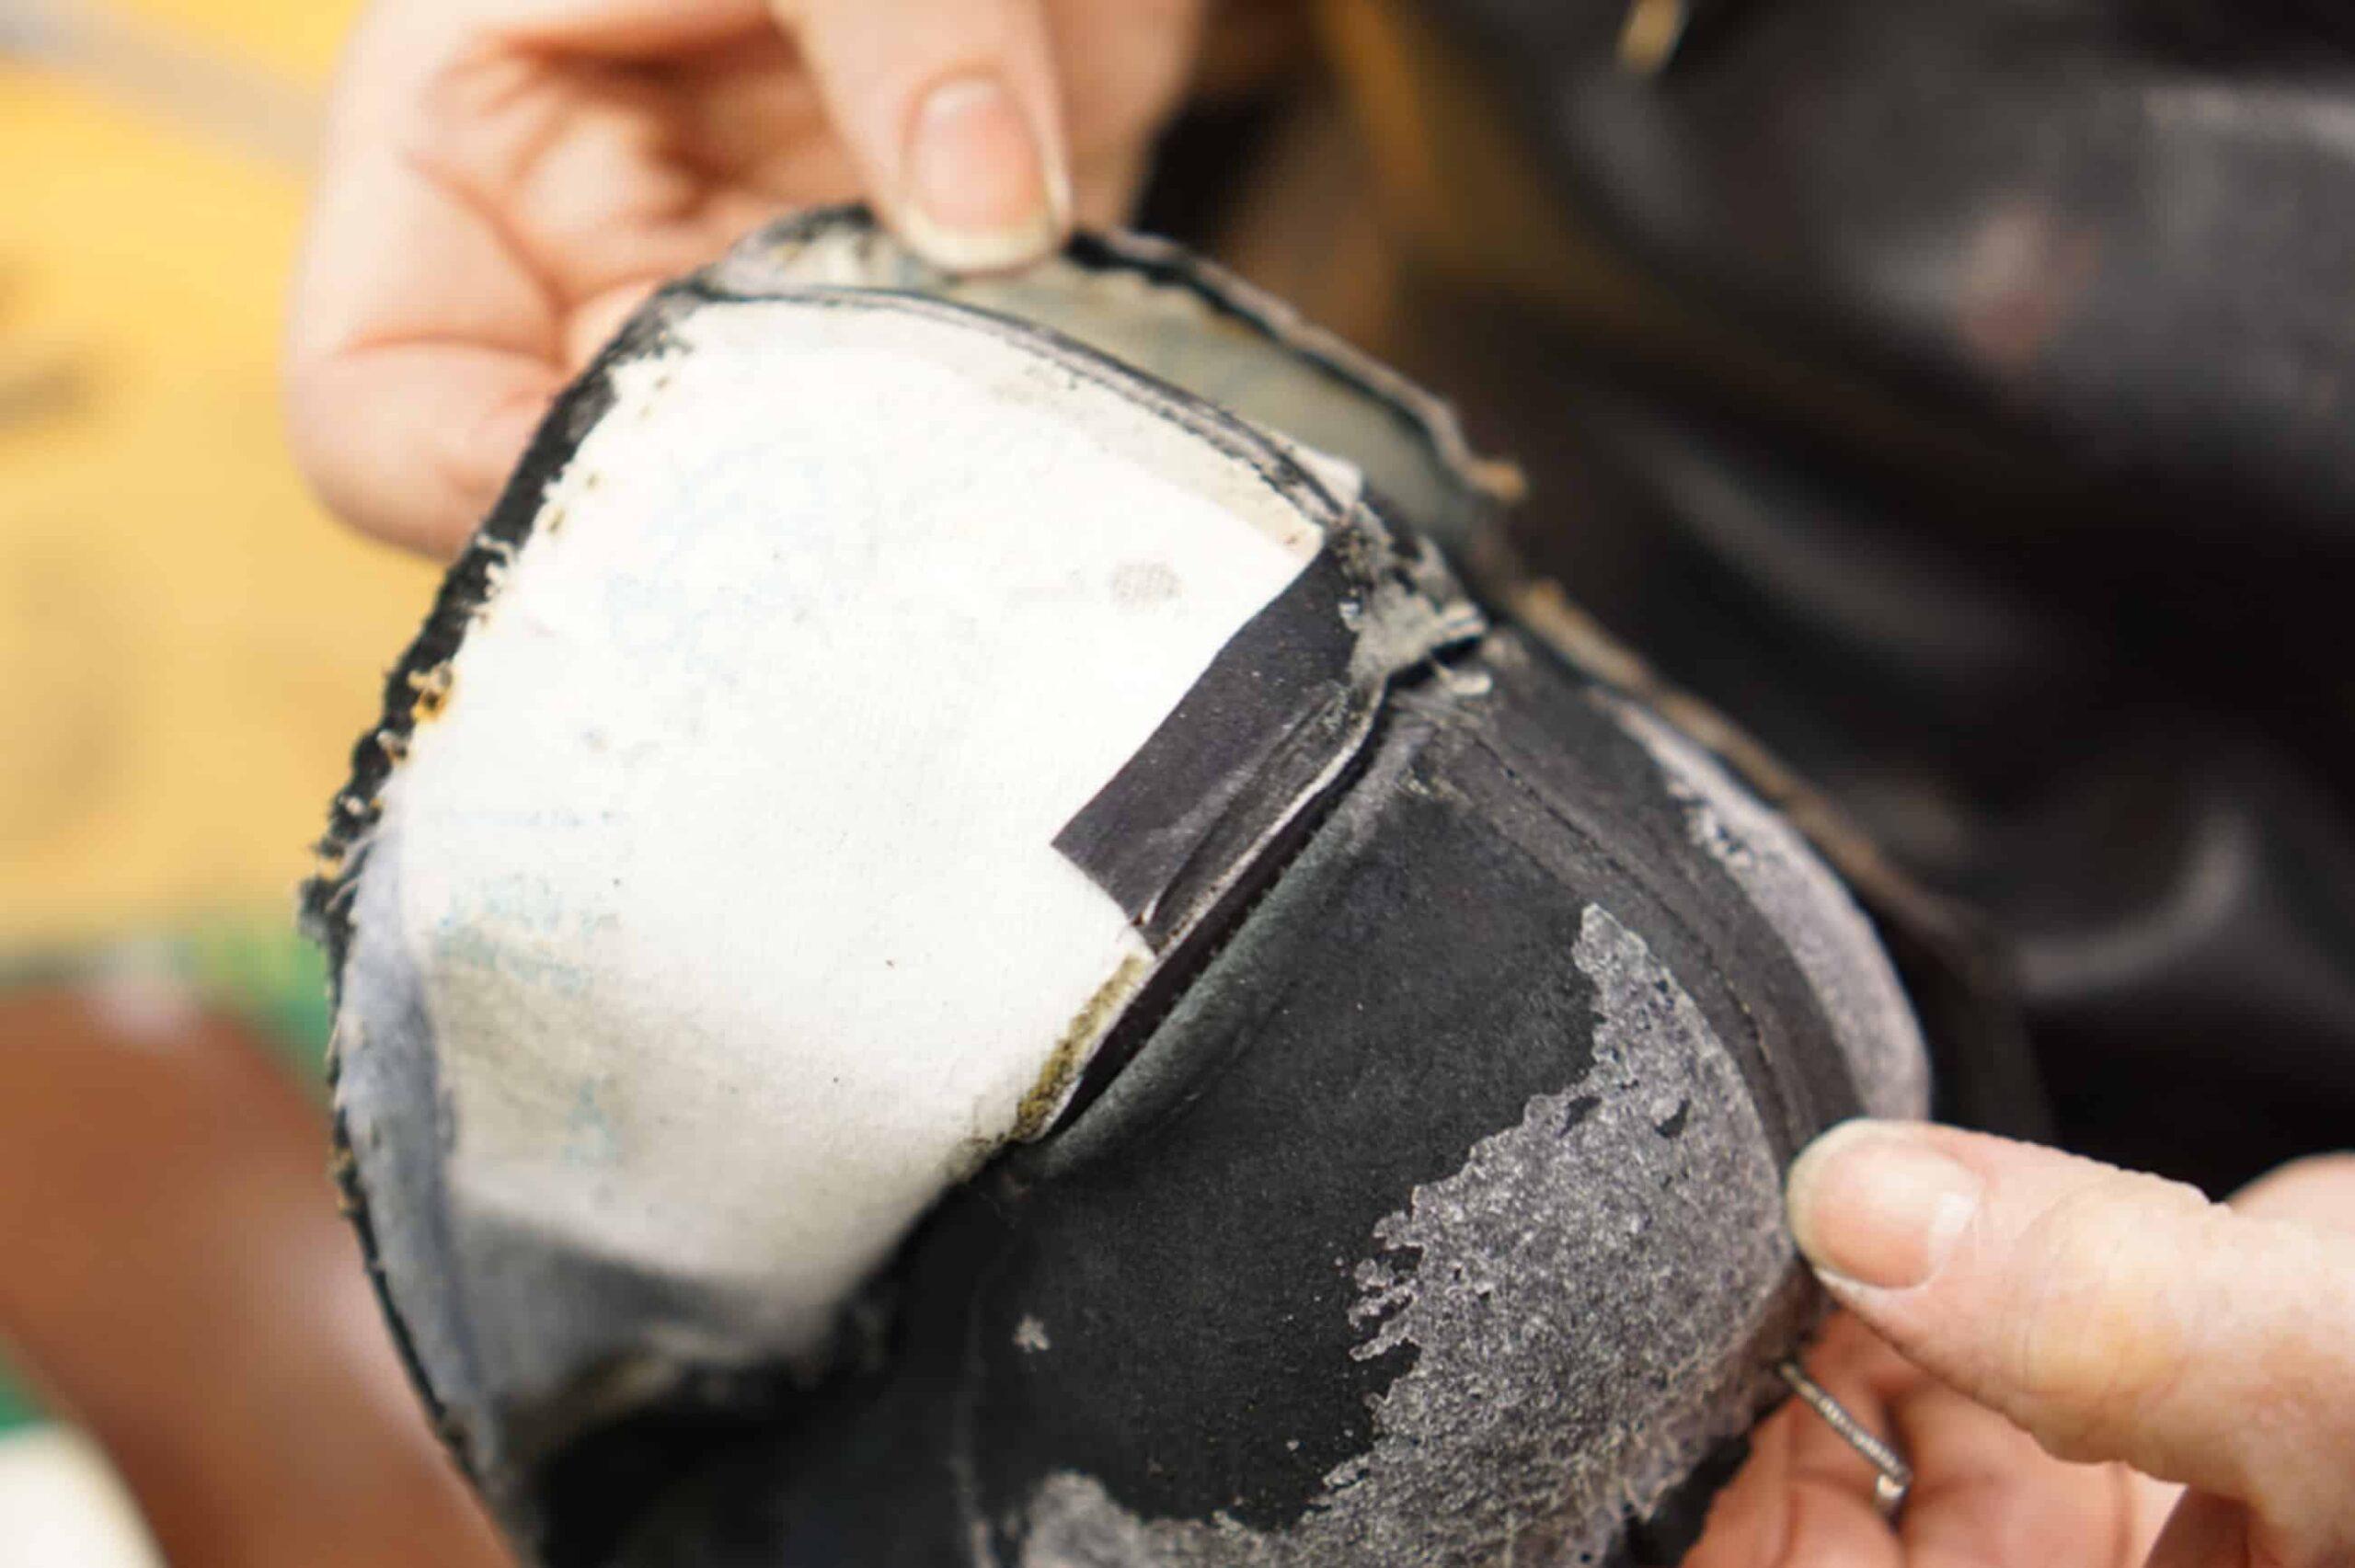 Un contrefort thermocollé sur une paire de Loake. (Source : Shoegazing)